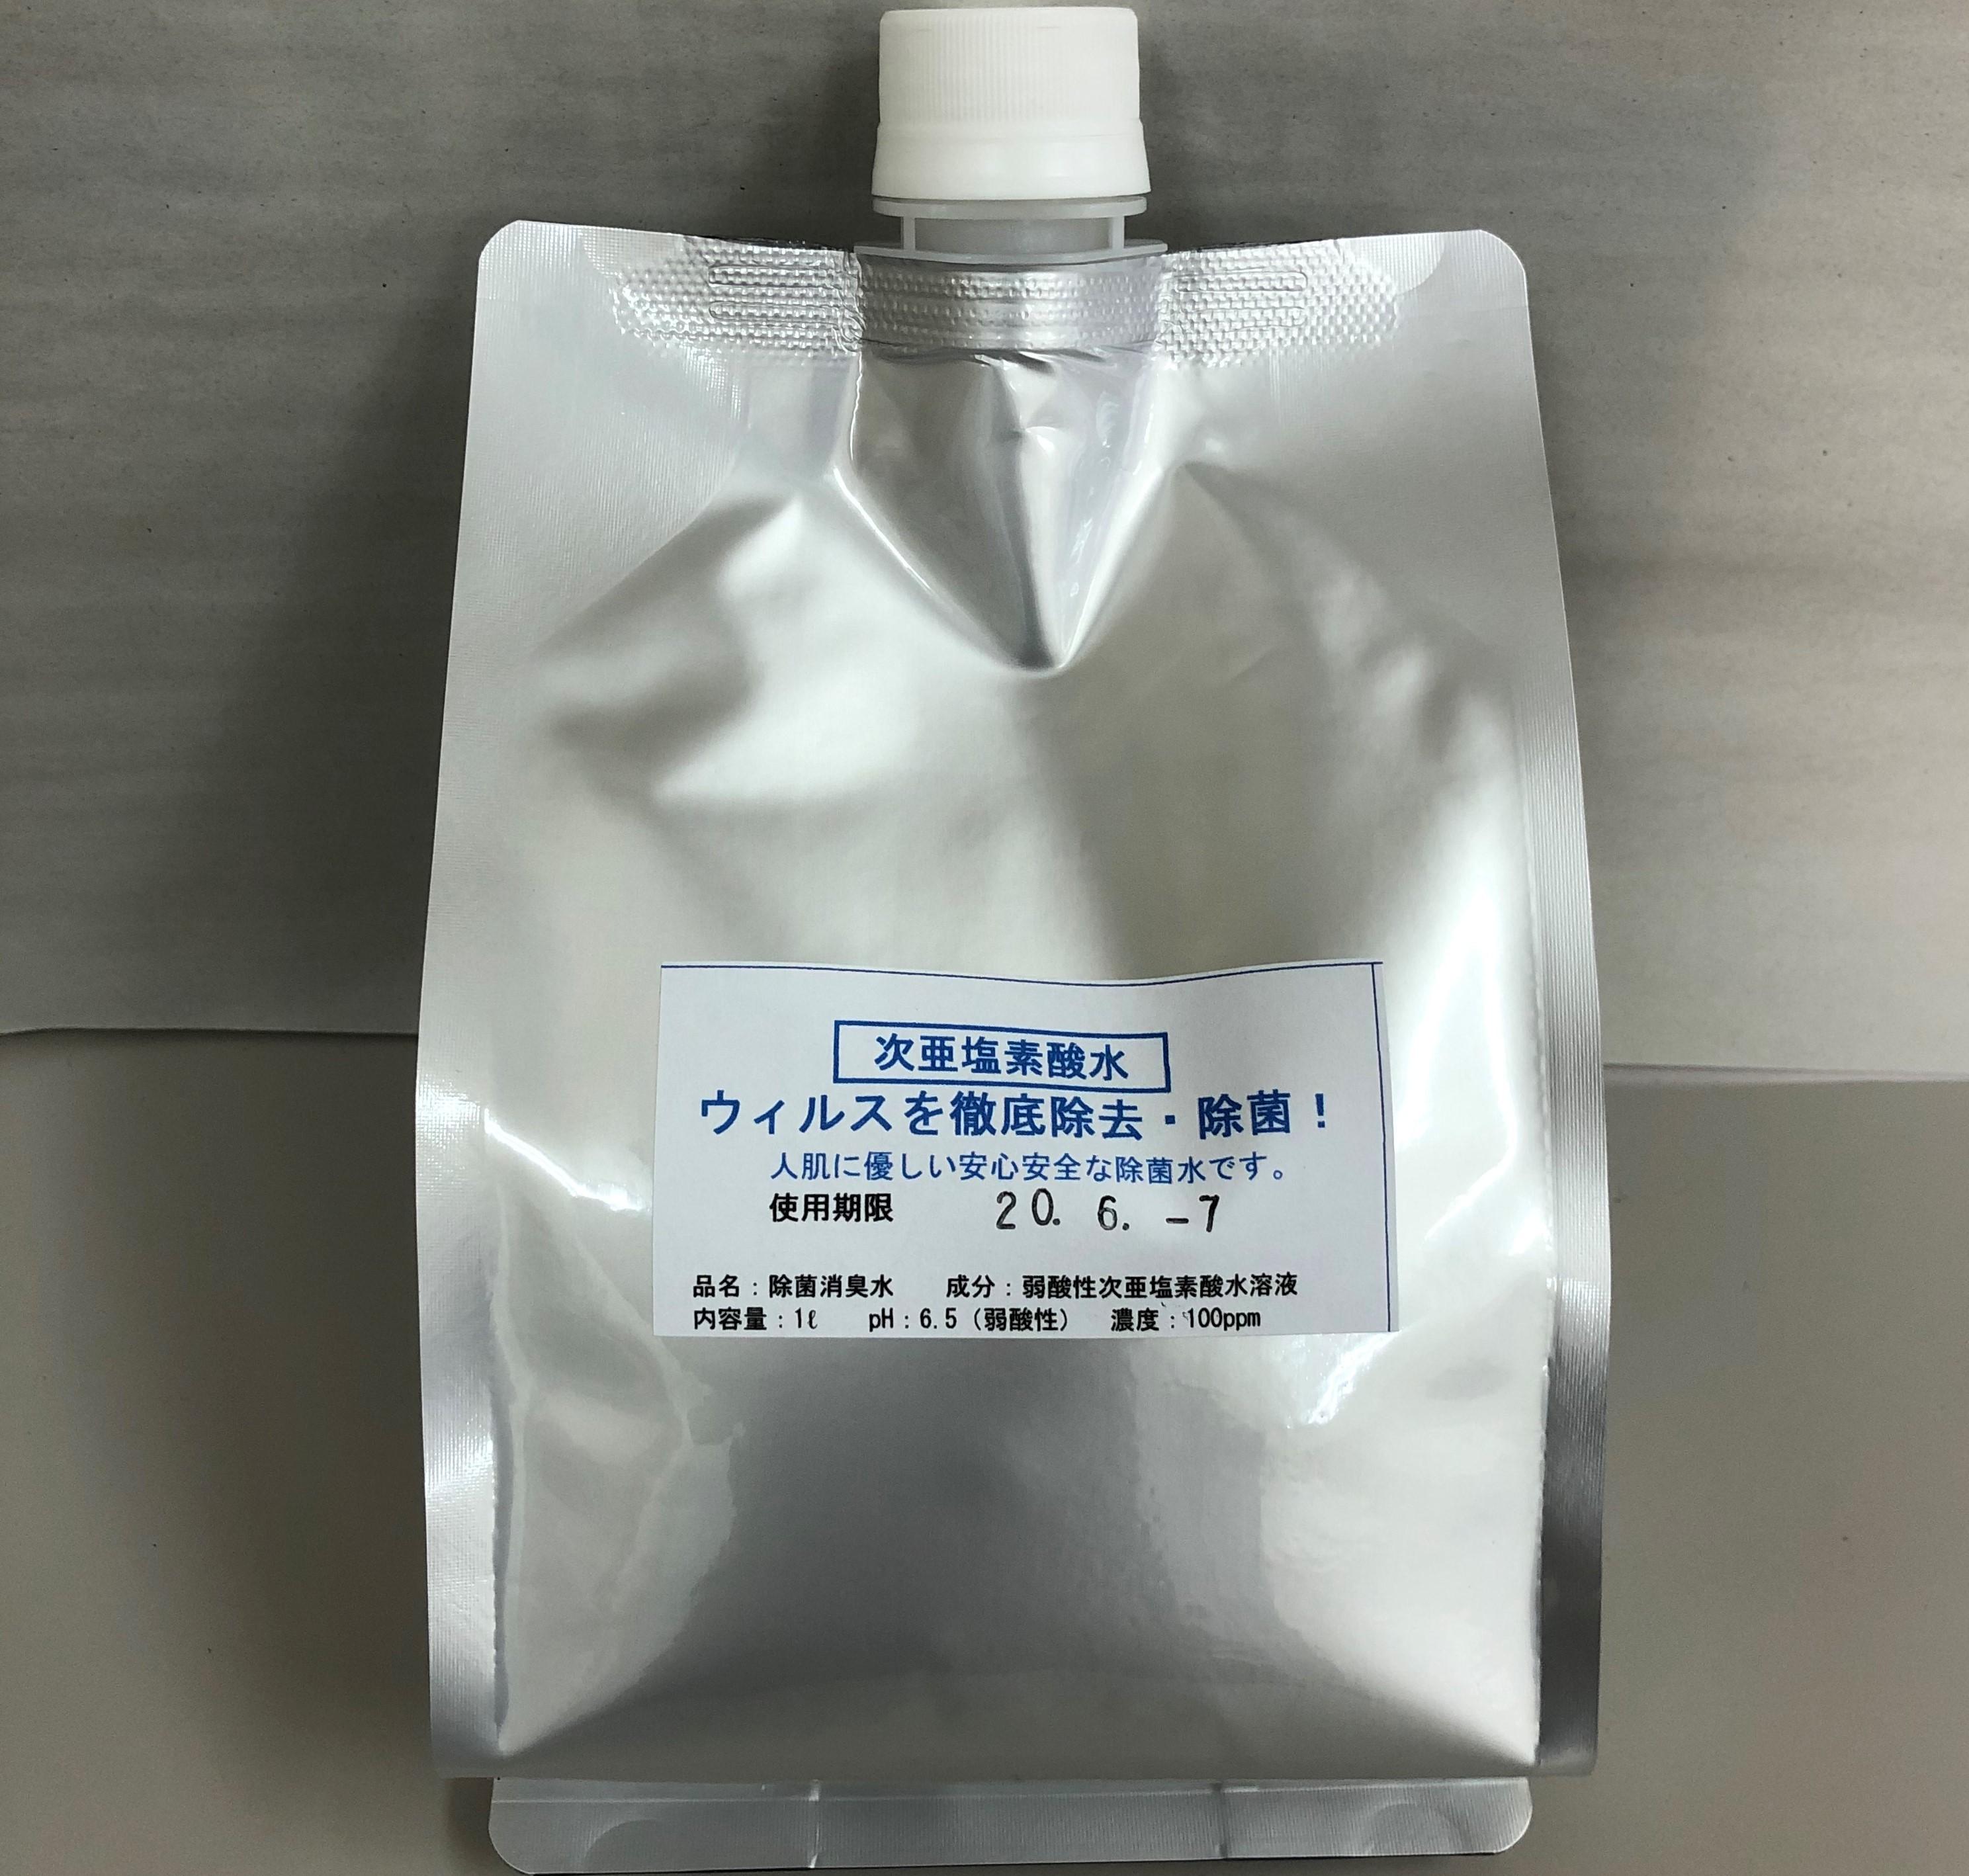 次亜塩素酸水 ウィルスを徹底除去 100ppm 1ℓ入りパック